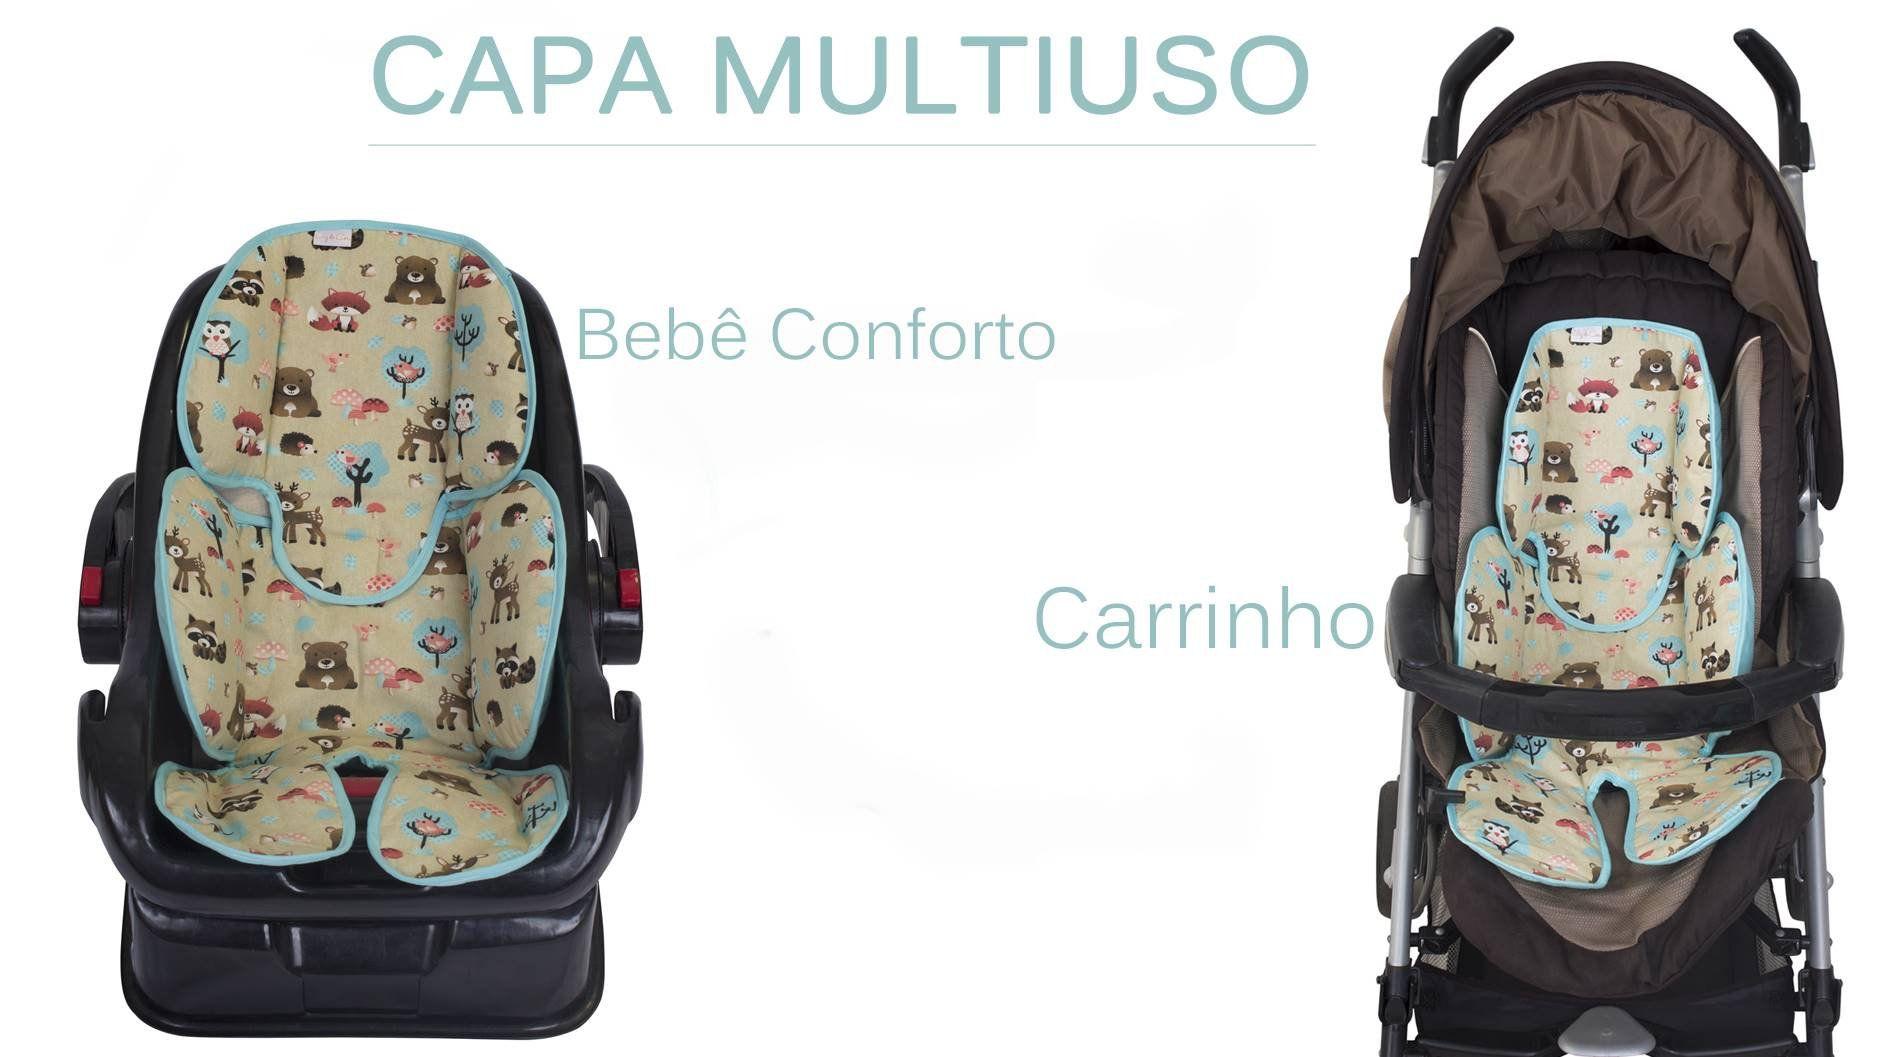 Redutor de Bebê Conforto e Carrinho Chevron Pink  - Toca do Bebê